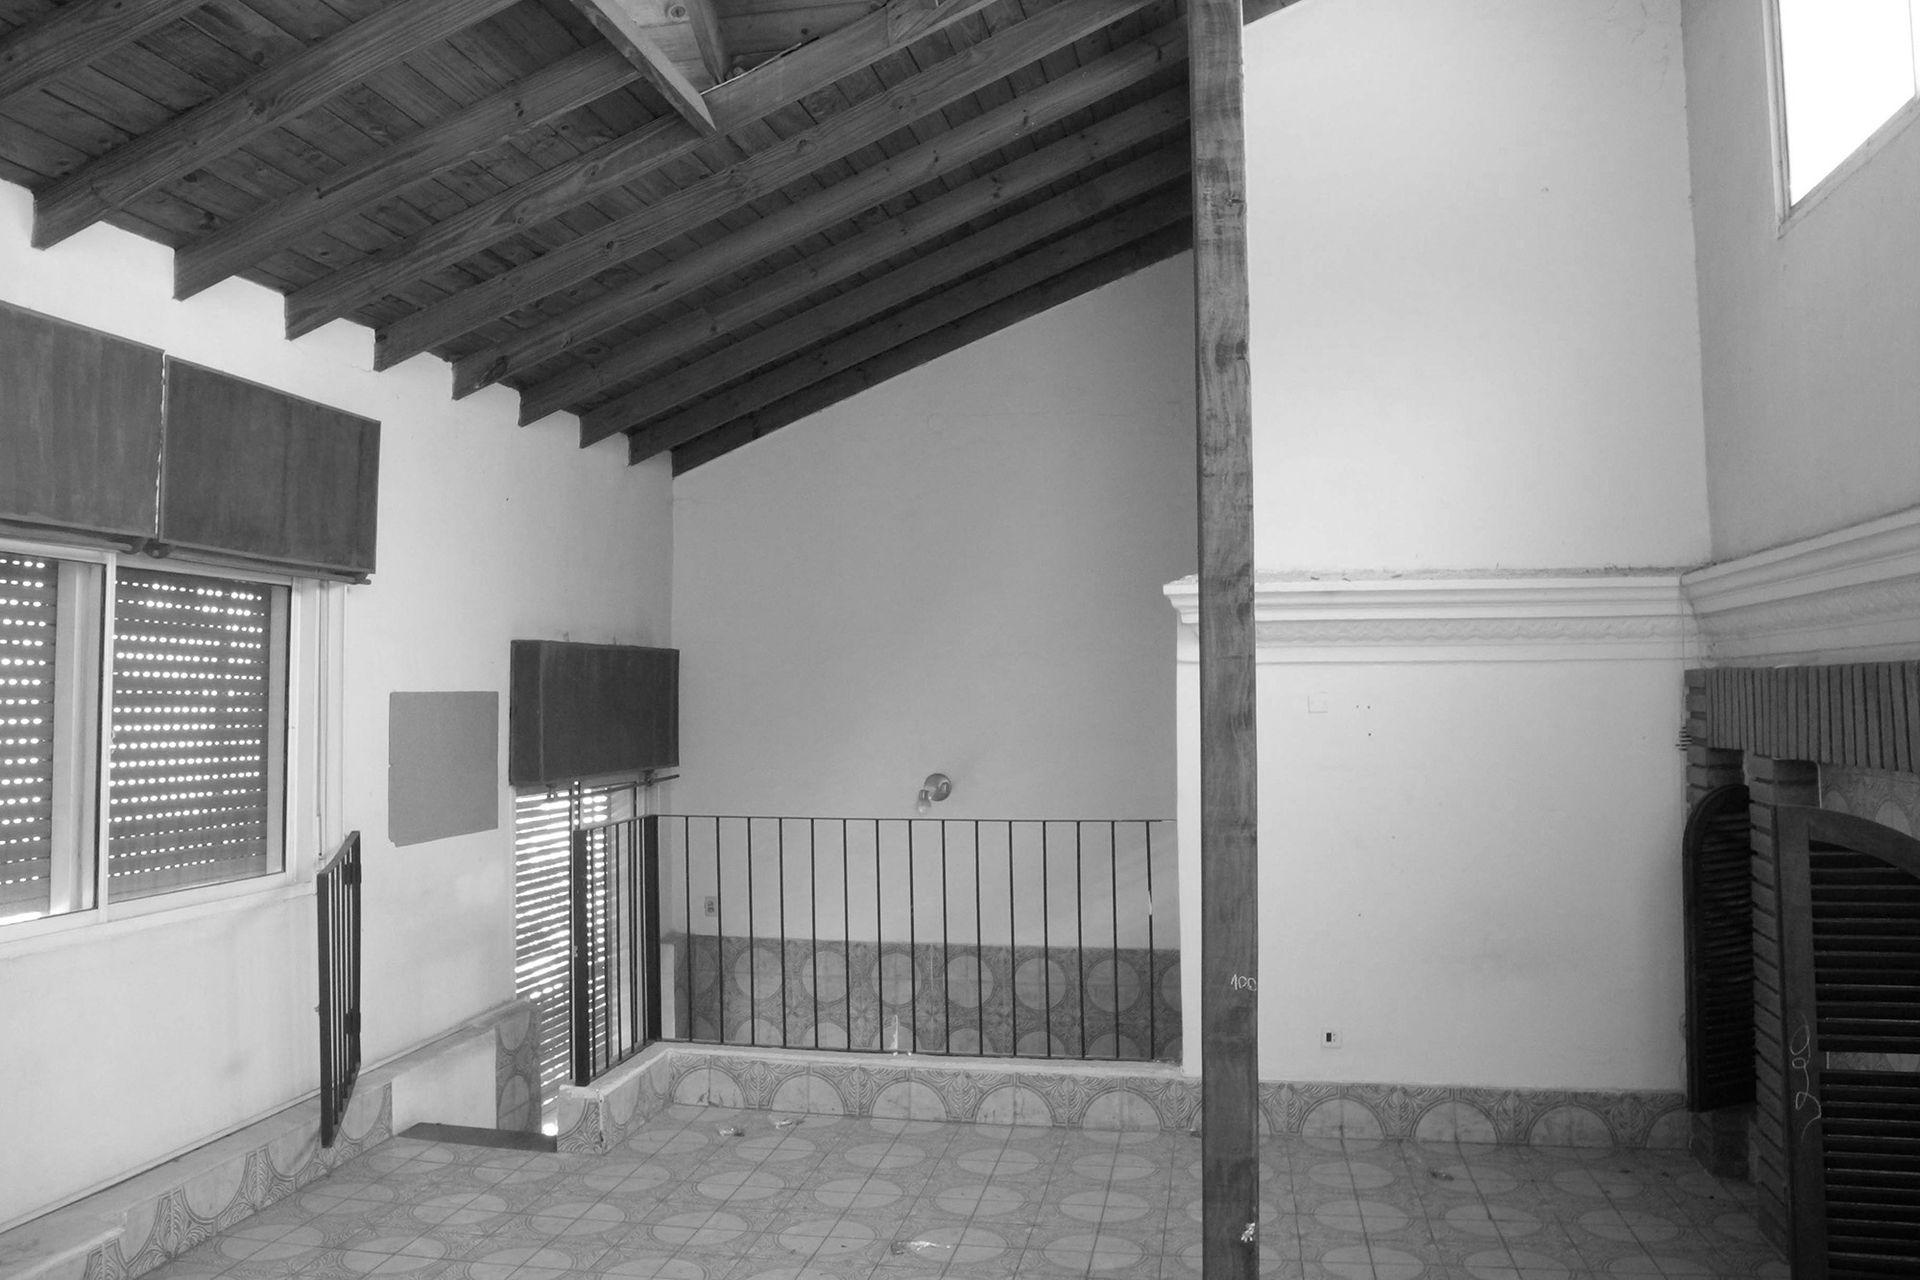 ANTES: Ventanas chicas, baldosas cerámicas y escaleras con barandas de hierro.